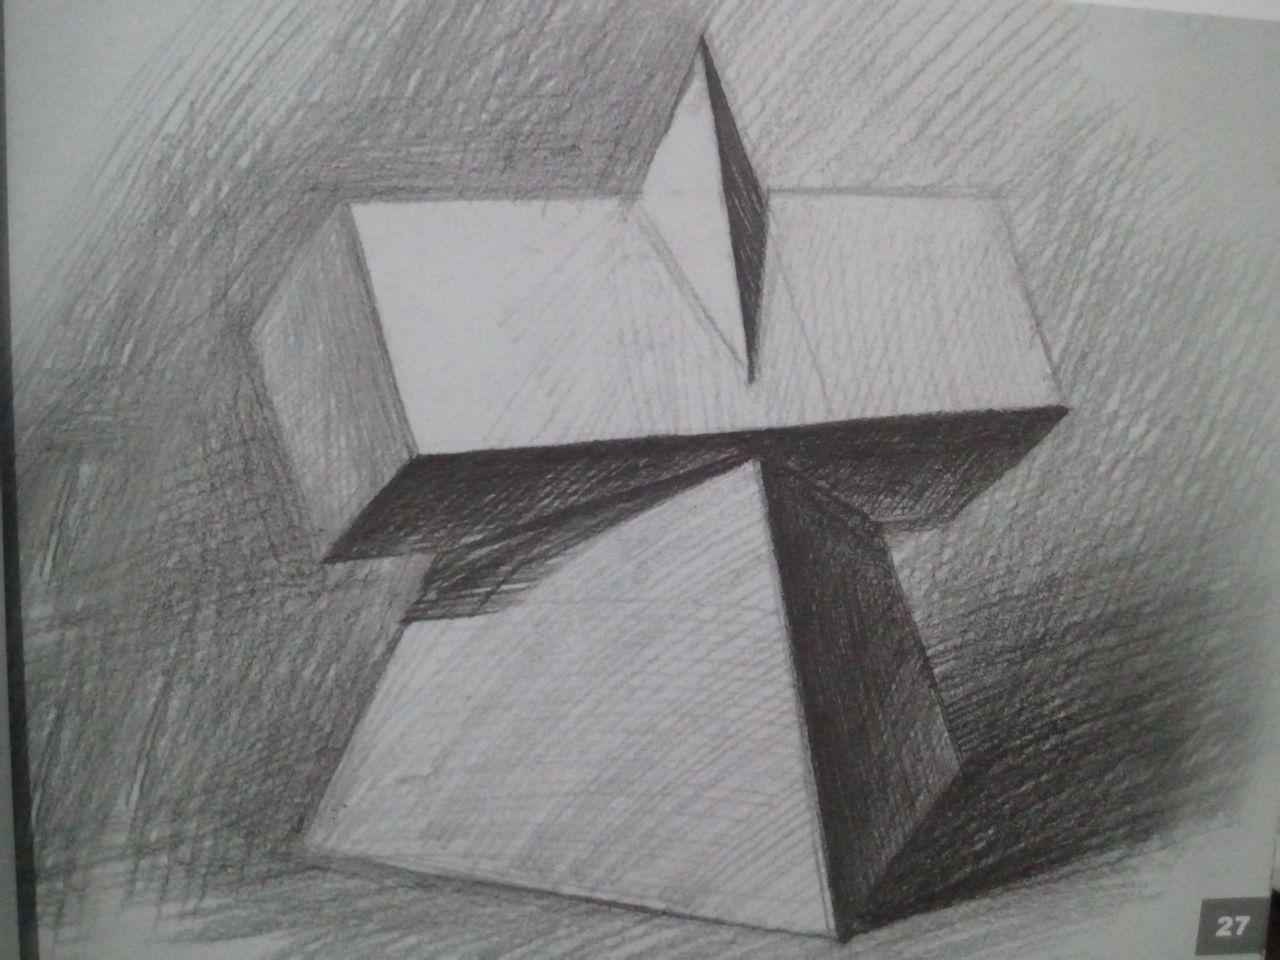 三棱柱素描图片_素描正方体教程 - 第4页